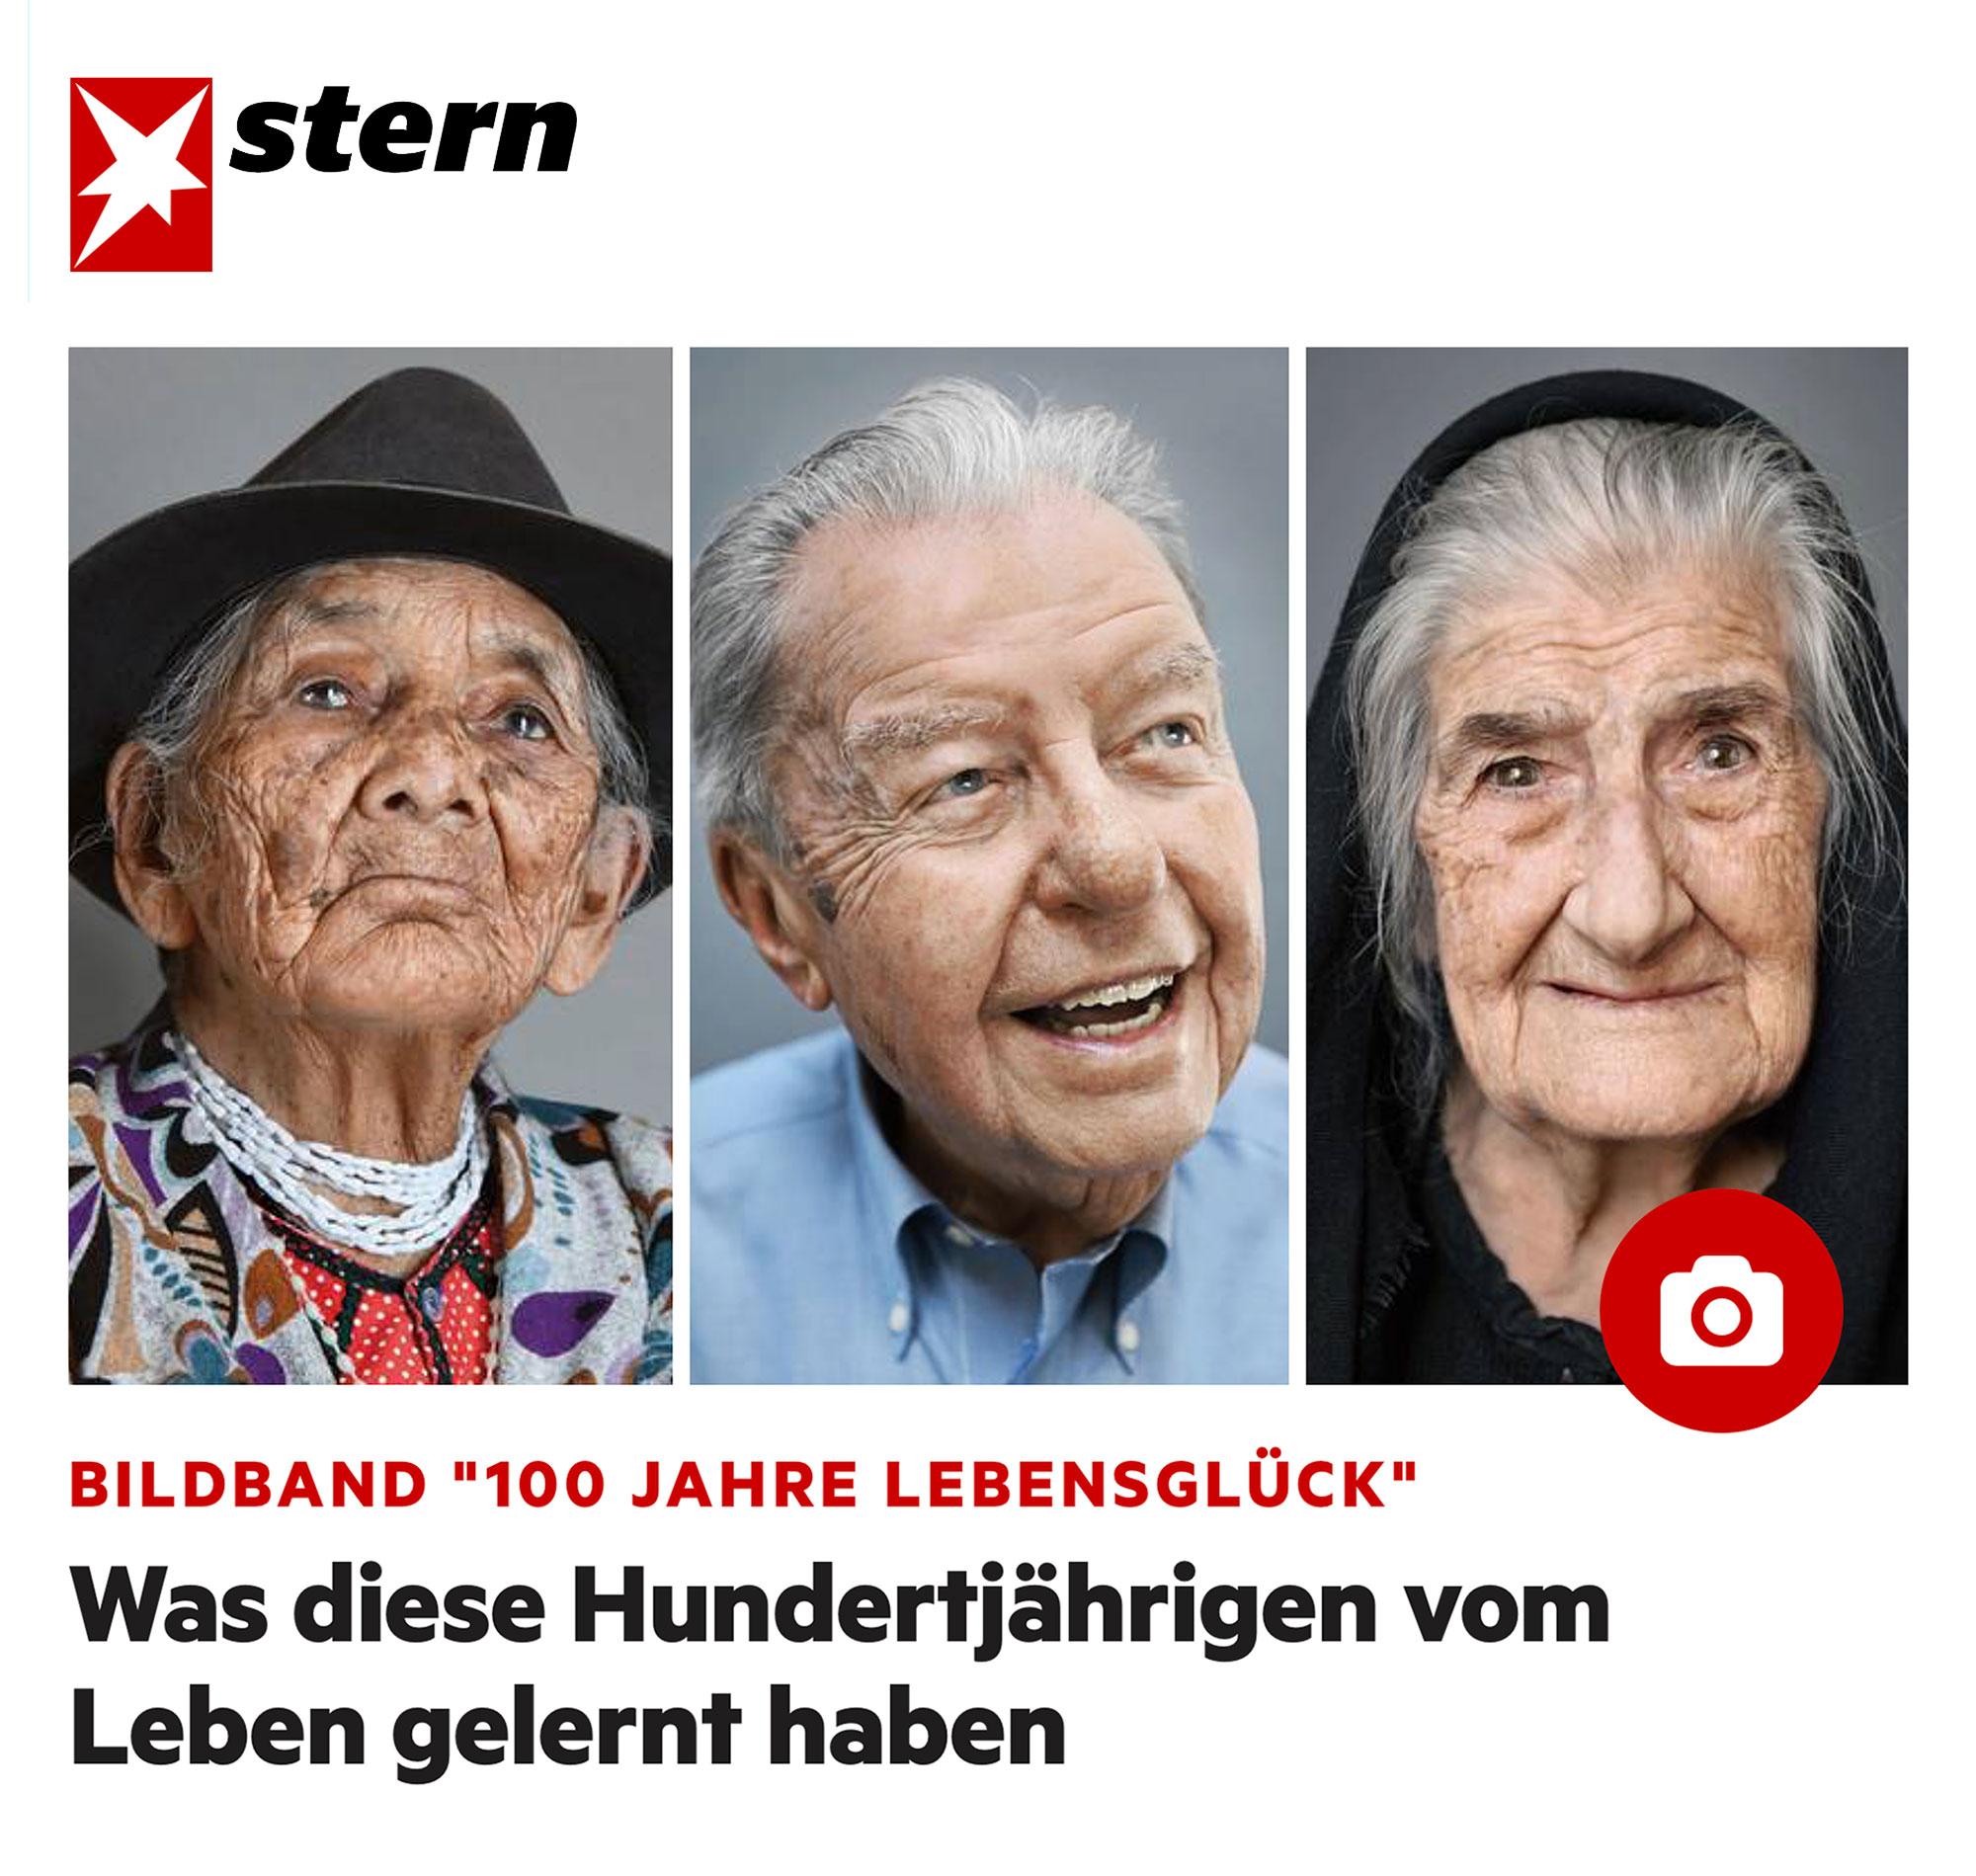 Marìa Luisa, 102, Ed, 102, Tonia, 100, aus dem Buch   100 Jahre Lebensglück  (Knesebeck, München 2017)